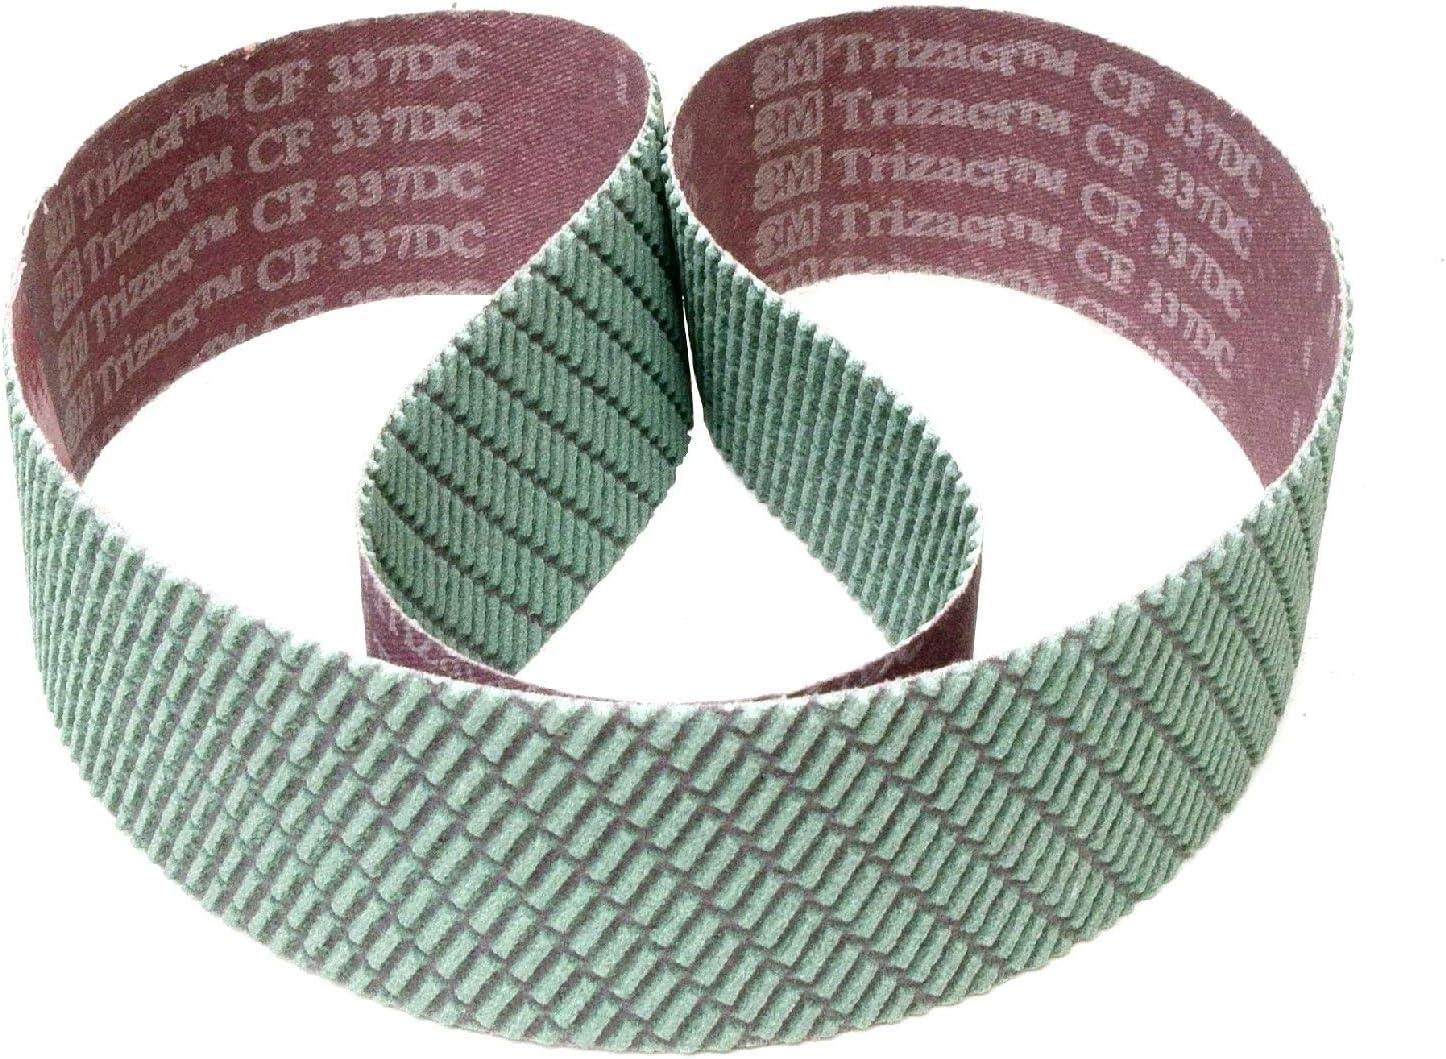 | 1 St/ück 3M Trizact 337DC CF Schleifband f/ür Stahl und Metall 2 x 72 K/örnung: A045 50 x 1830 mm P400